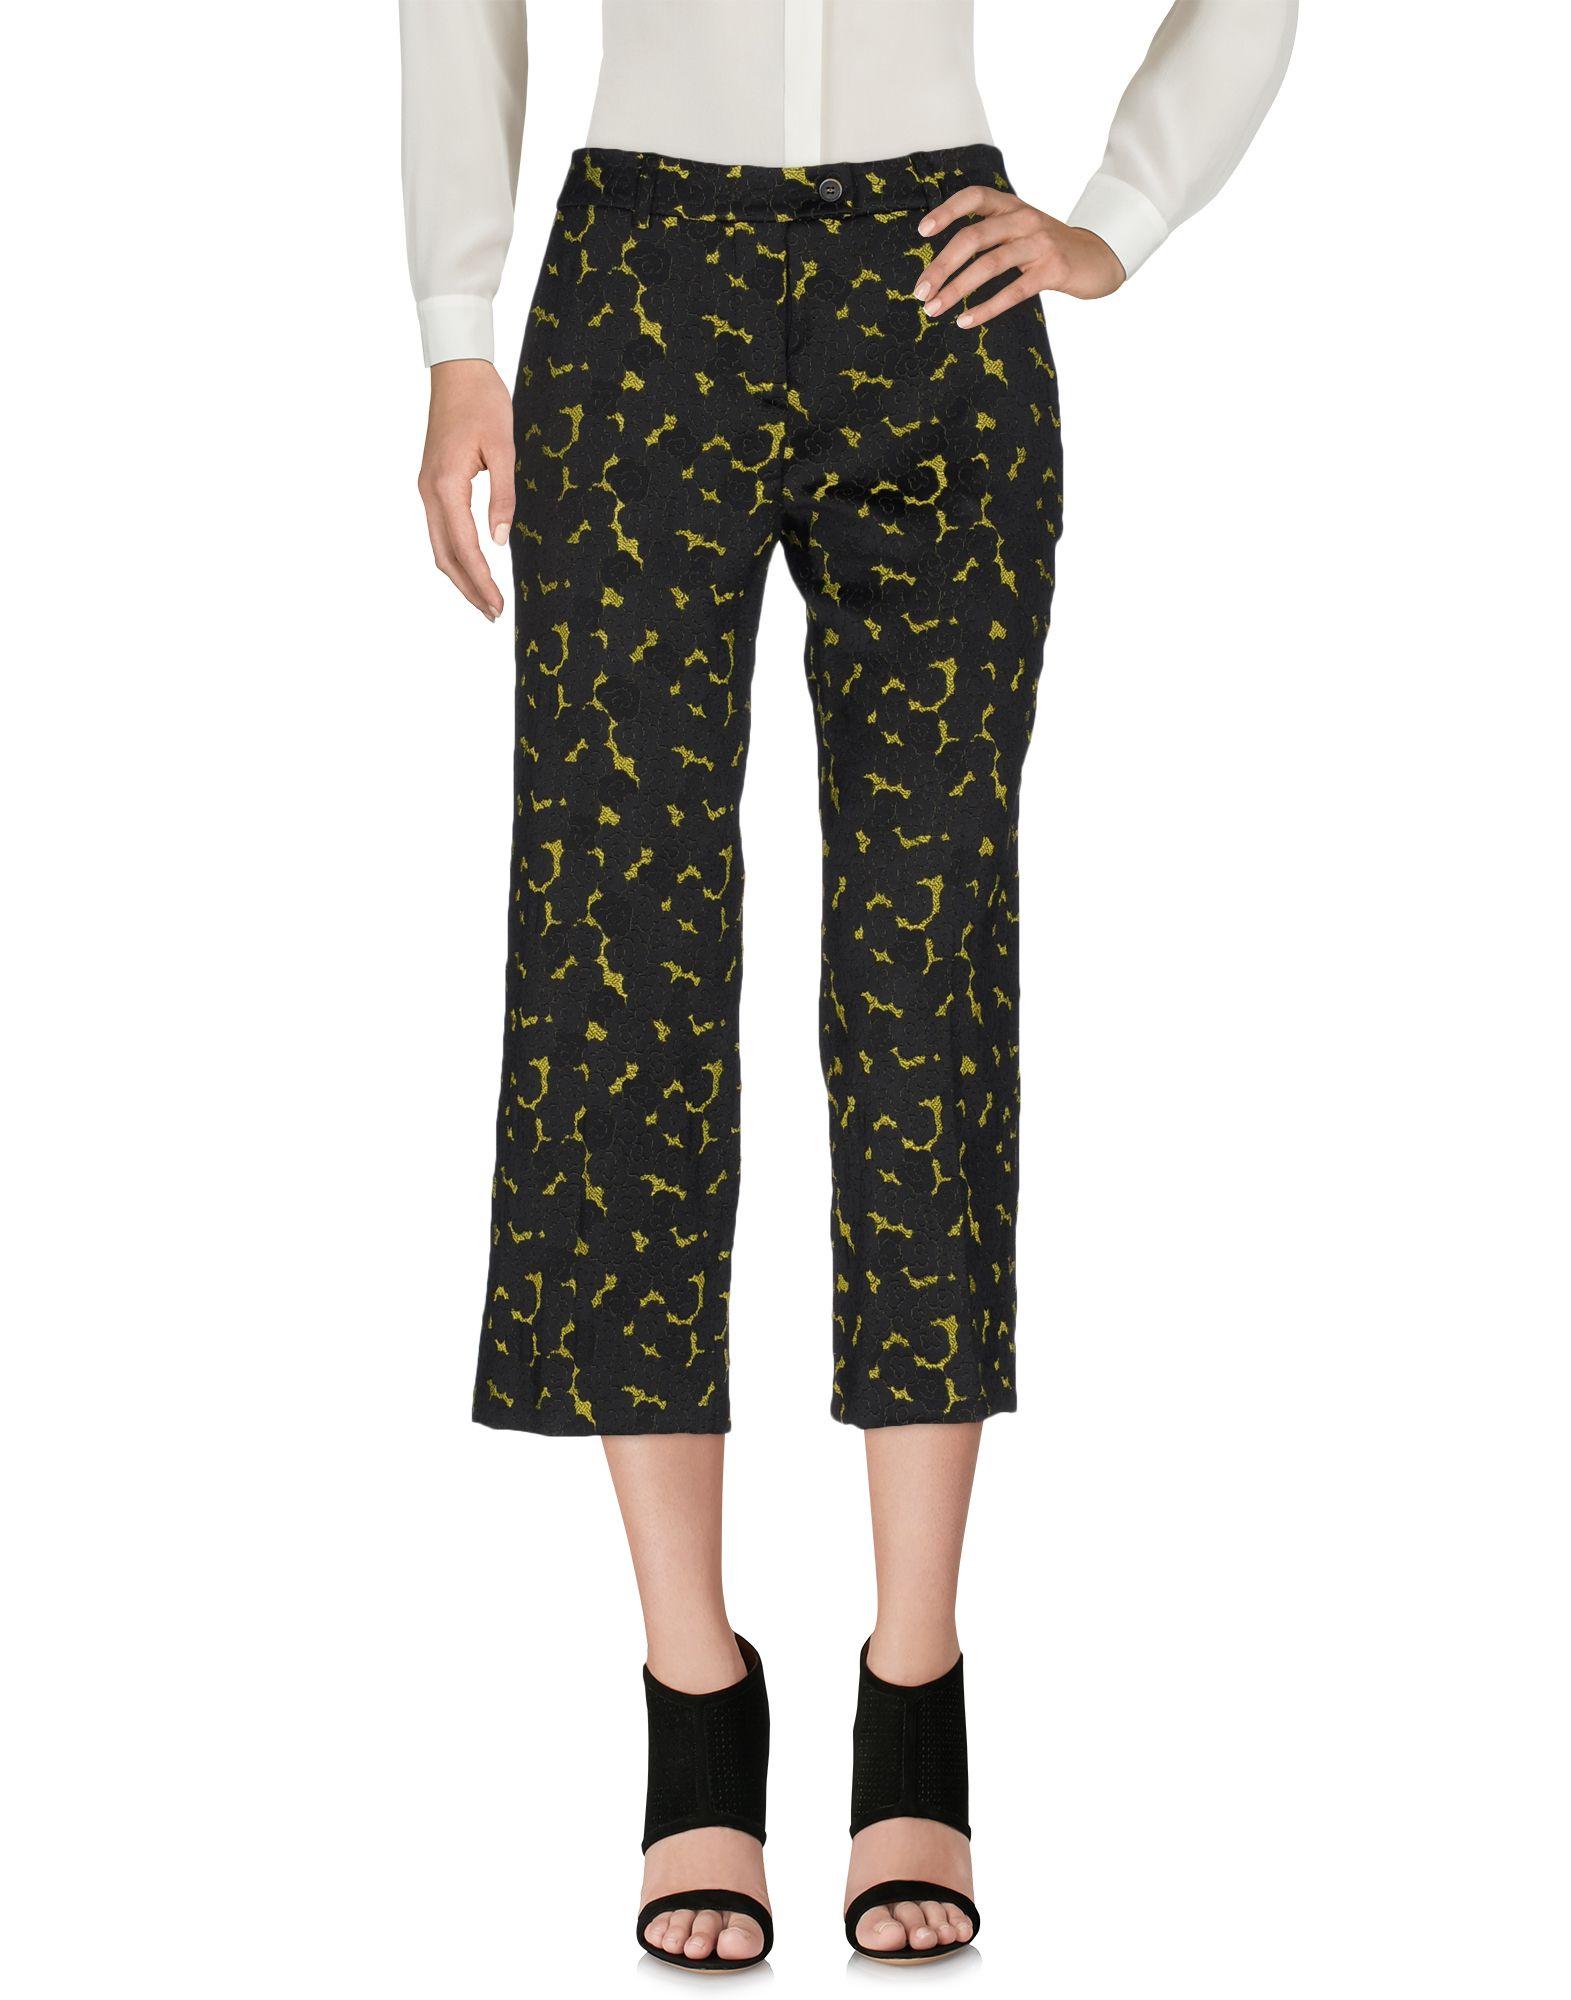 Pantalone Dritto •Milano Parigi• Donna - Acquista online su 4TT58